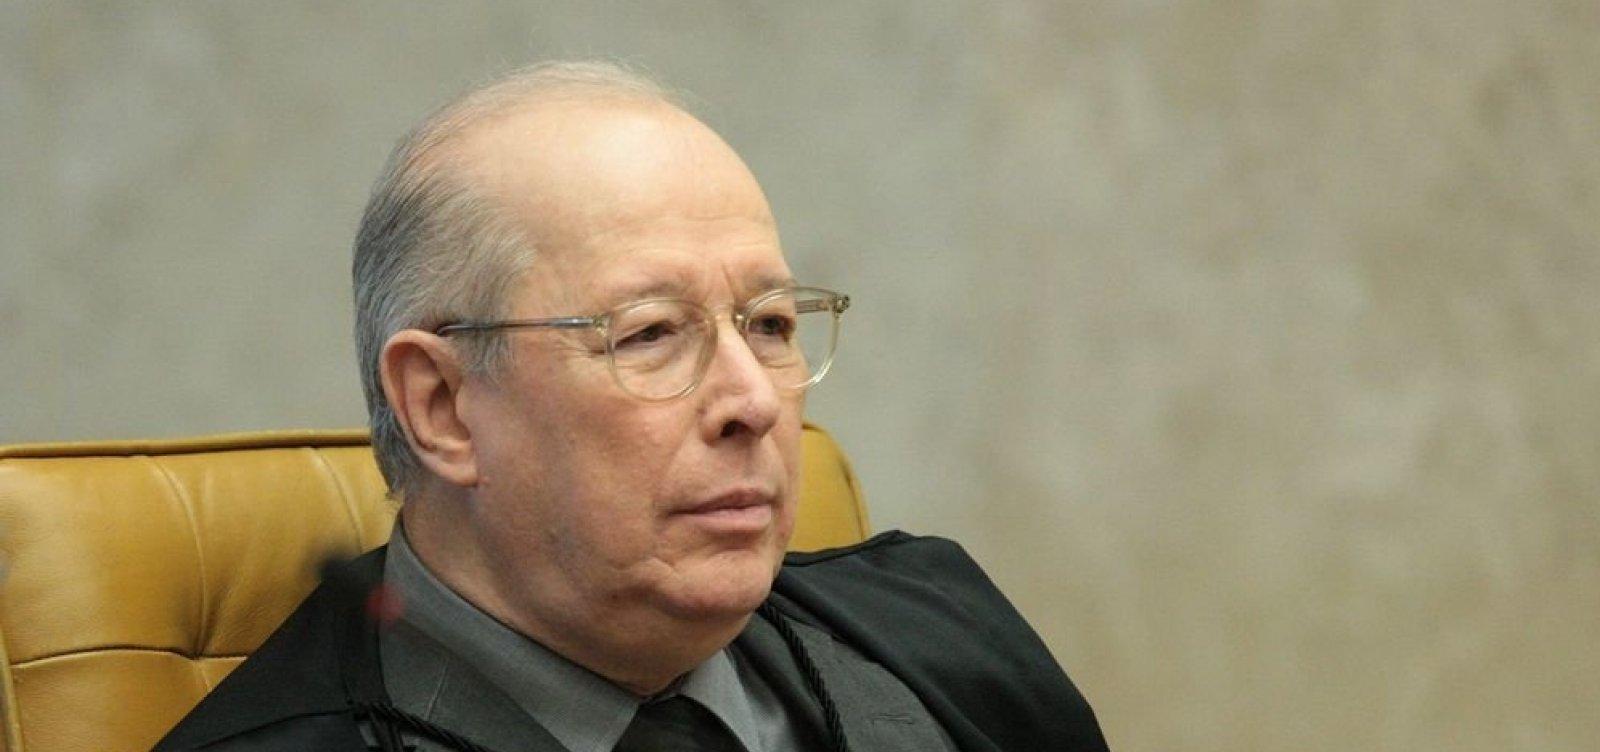 Celso de Mello empata julgamento sobre prisão em segunda instância; Toffoli decidirá